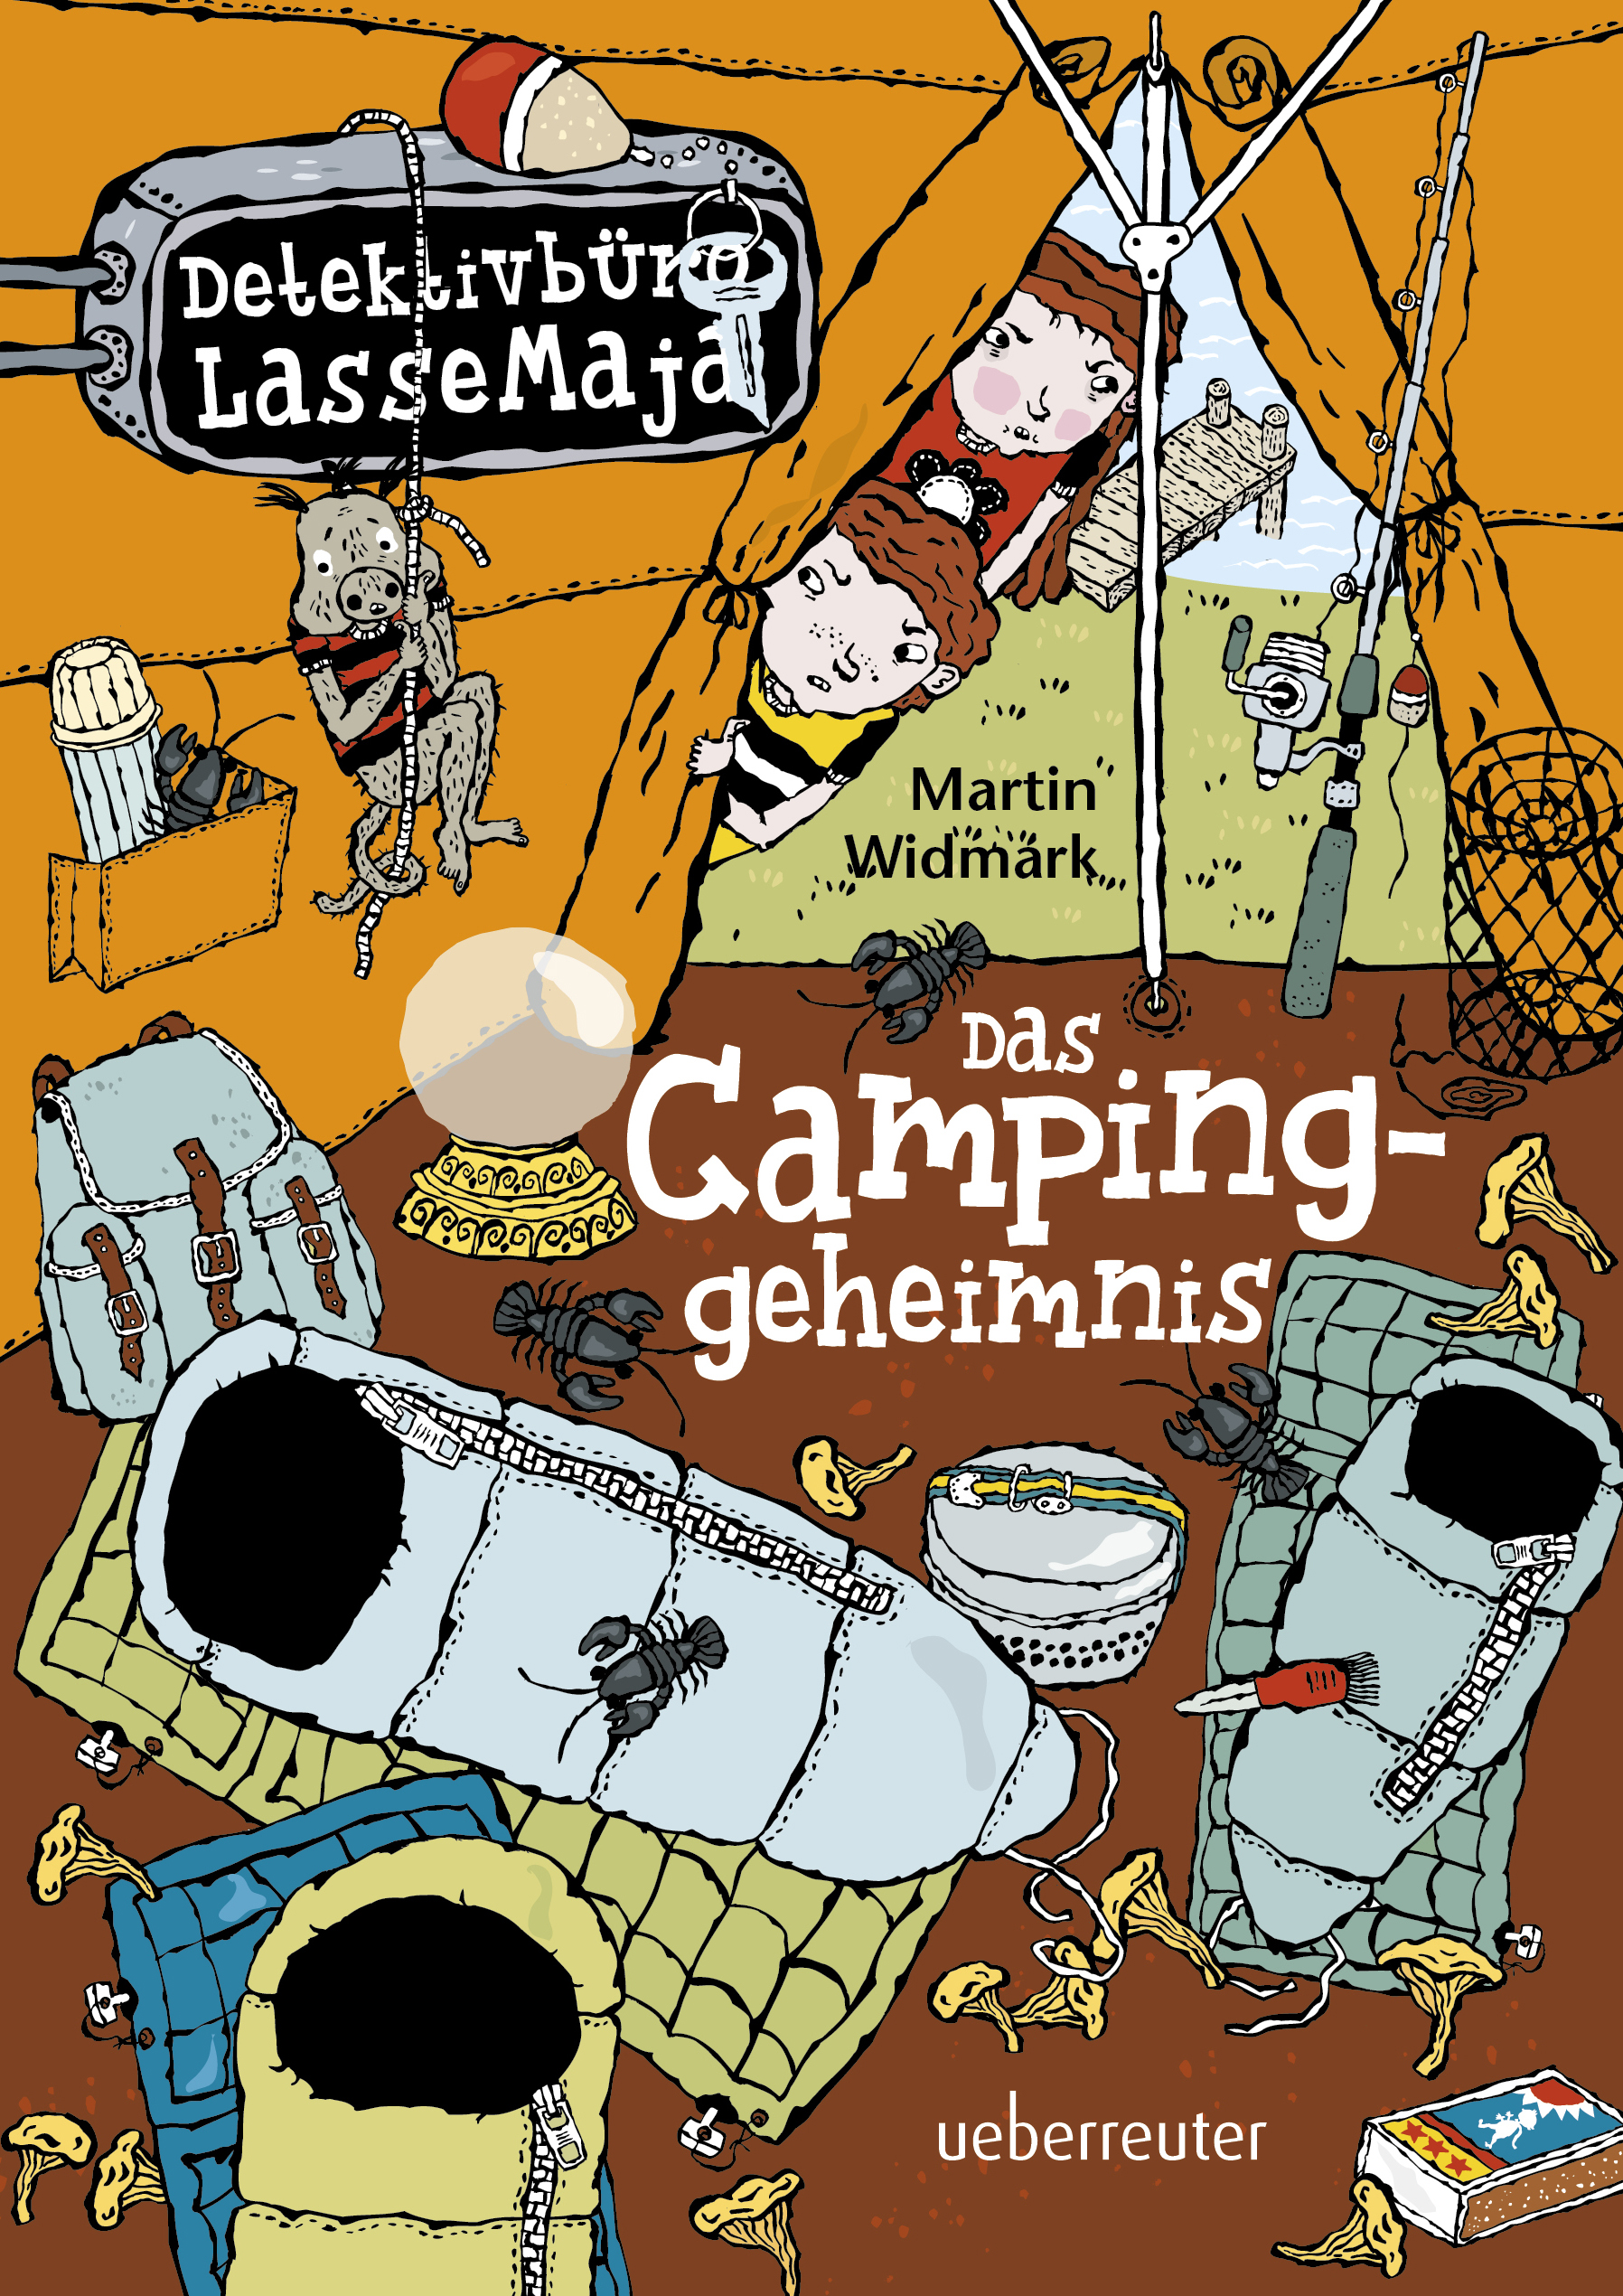 Detektivbüro LasseMaja – Das Campinggeheimnis (Detektivbüro LasseMaja, Bd. 8)